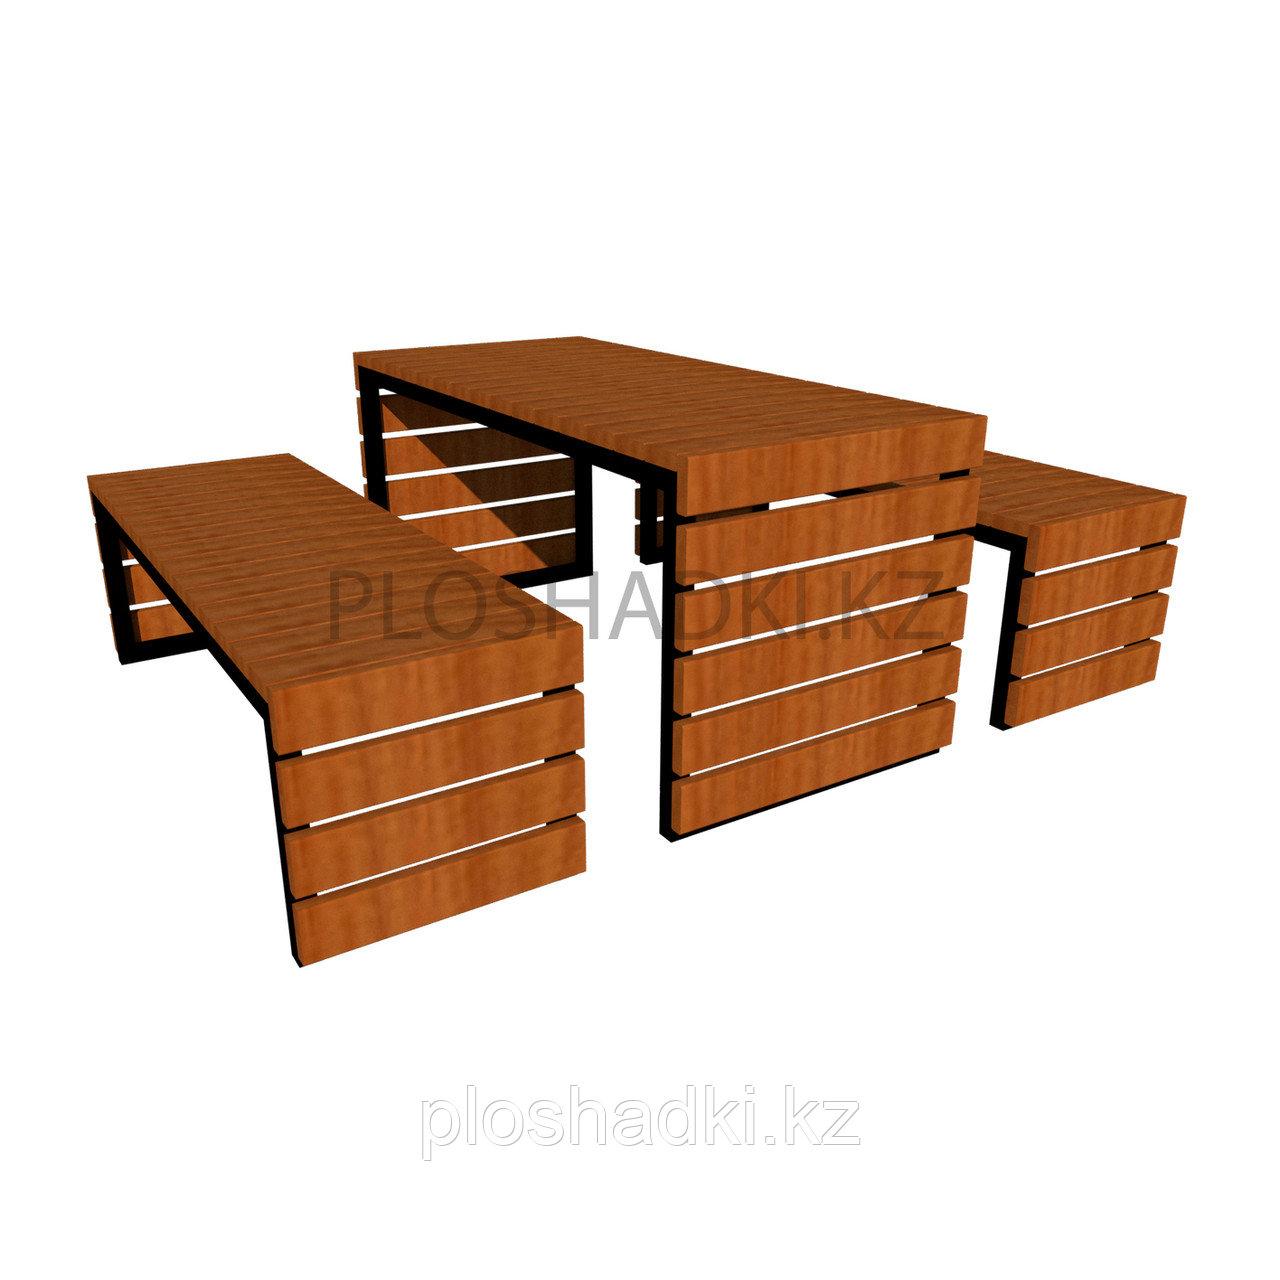 Лавочка деревянная со столом